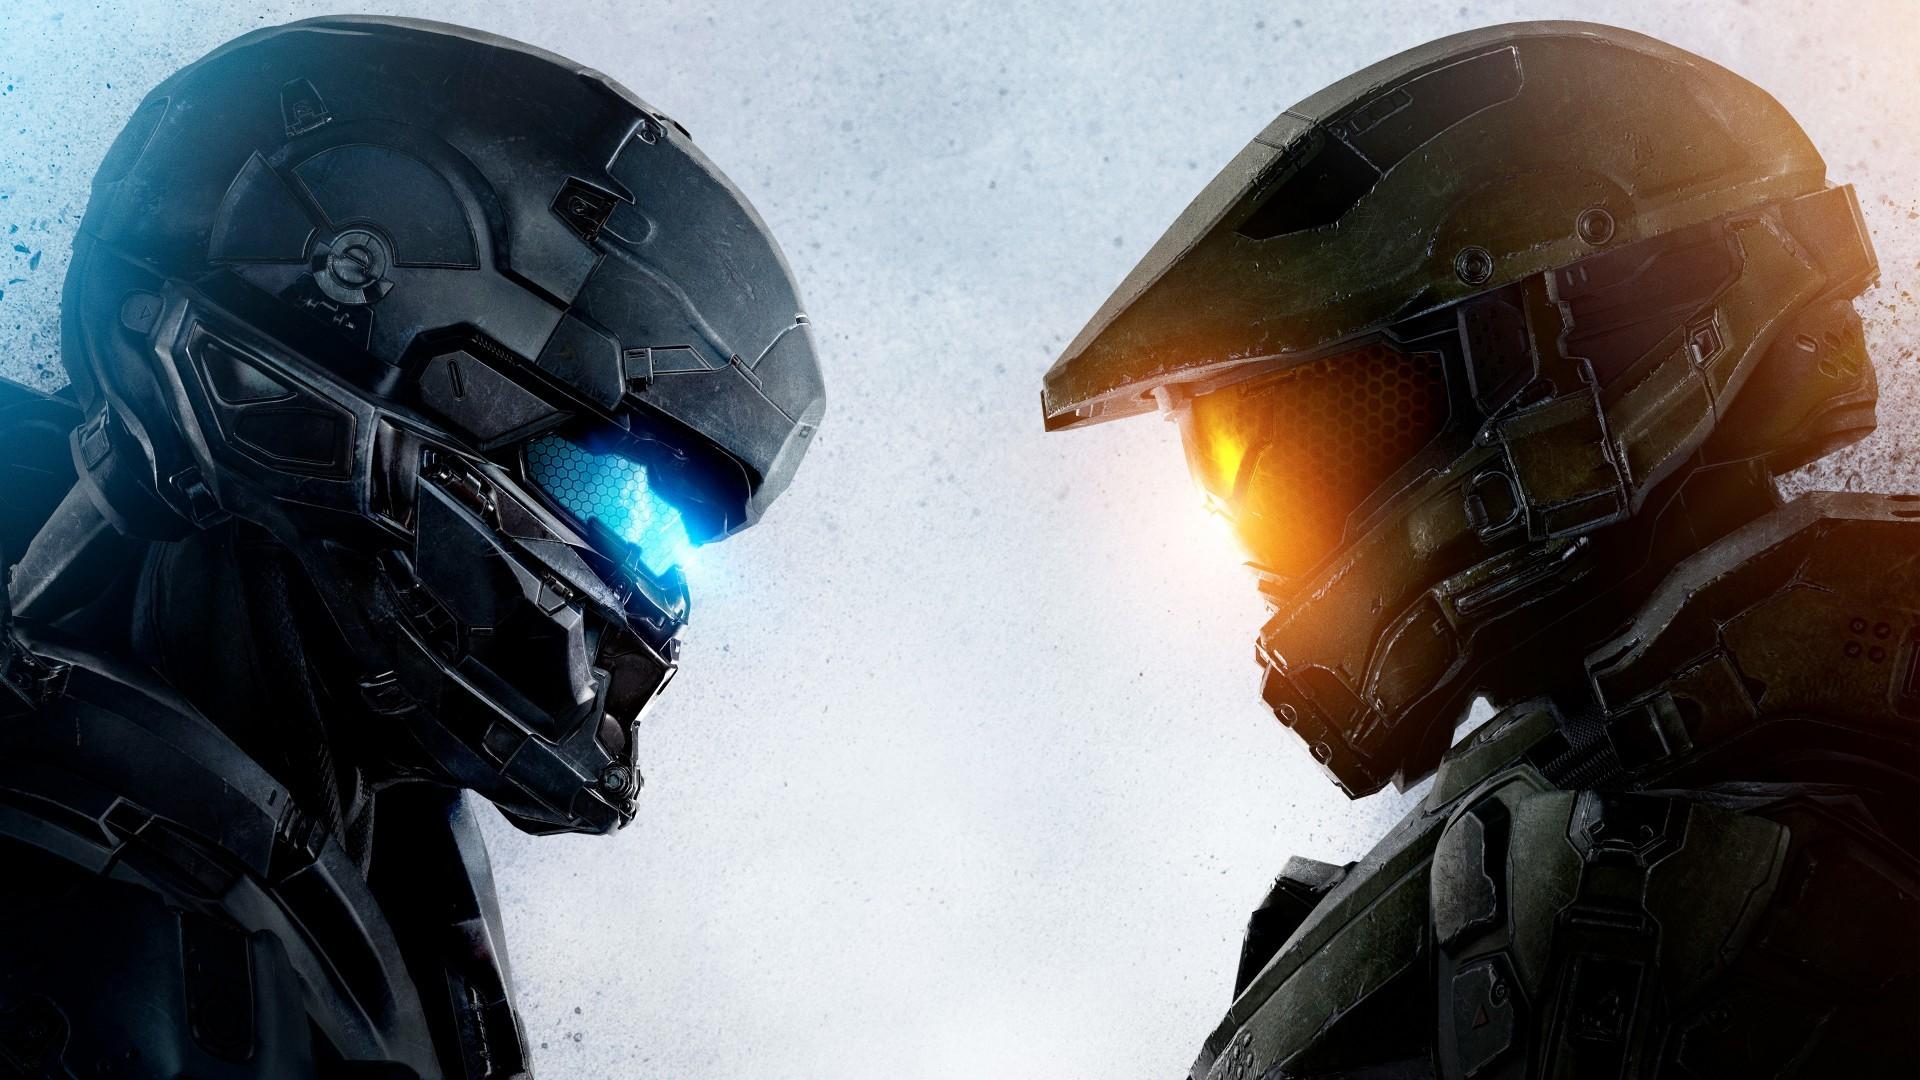 Ultra HD 4K resolutions:3840 x 2160 Original. Description: Download 2015 Halo  5 Guardians Games wallpaper …